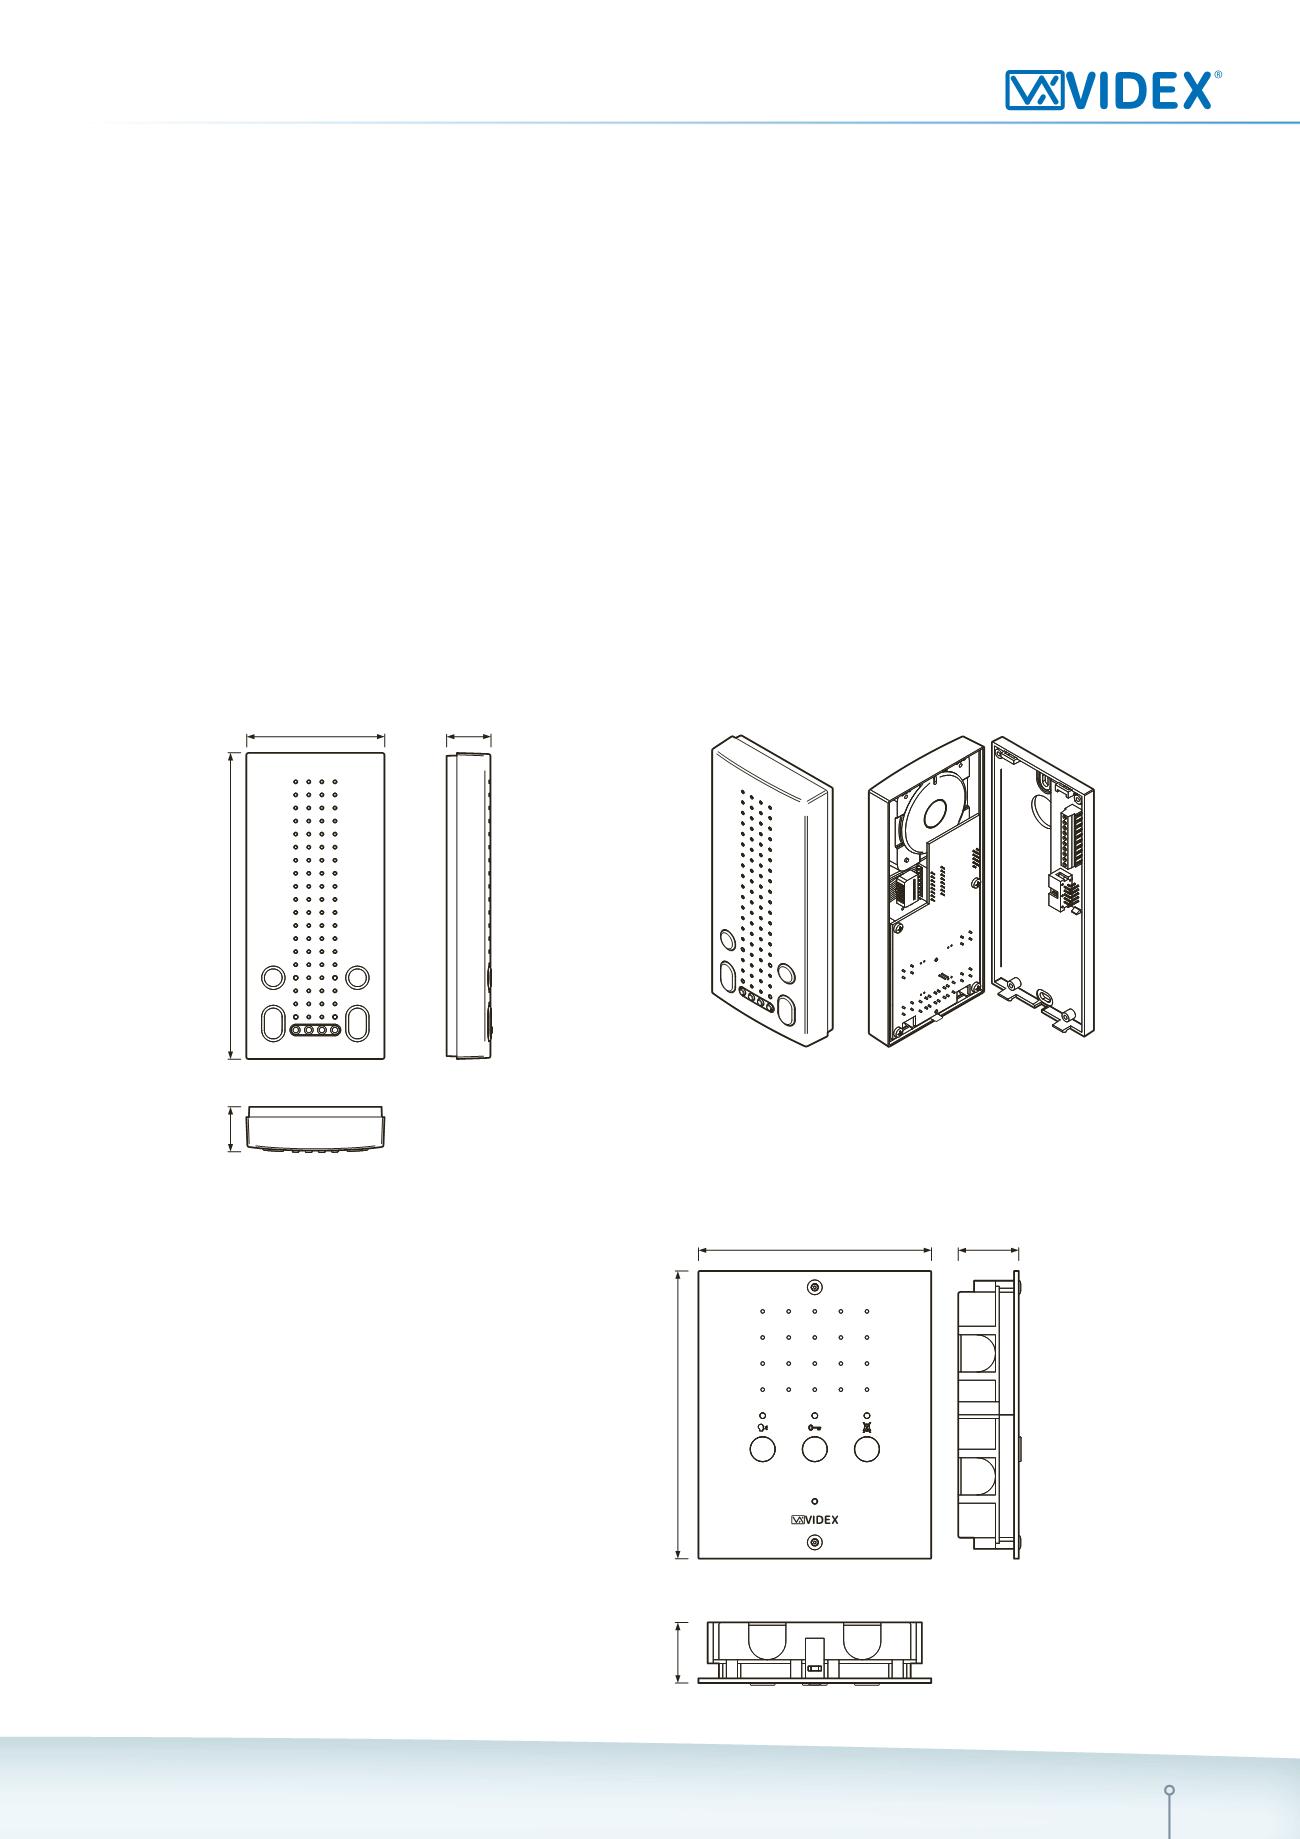 Nouveau-Videx 8901//S Surface Monté dur filaire clavier-VX8901S